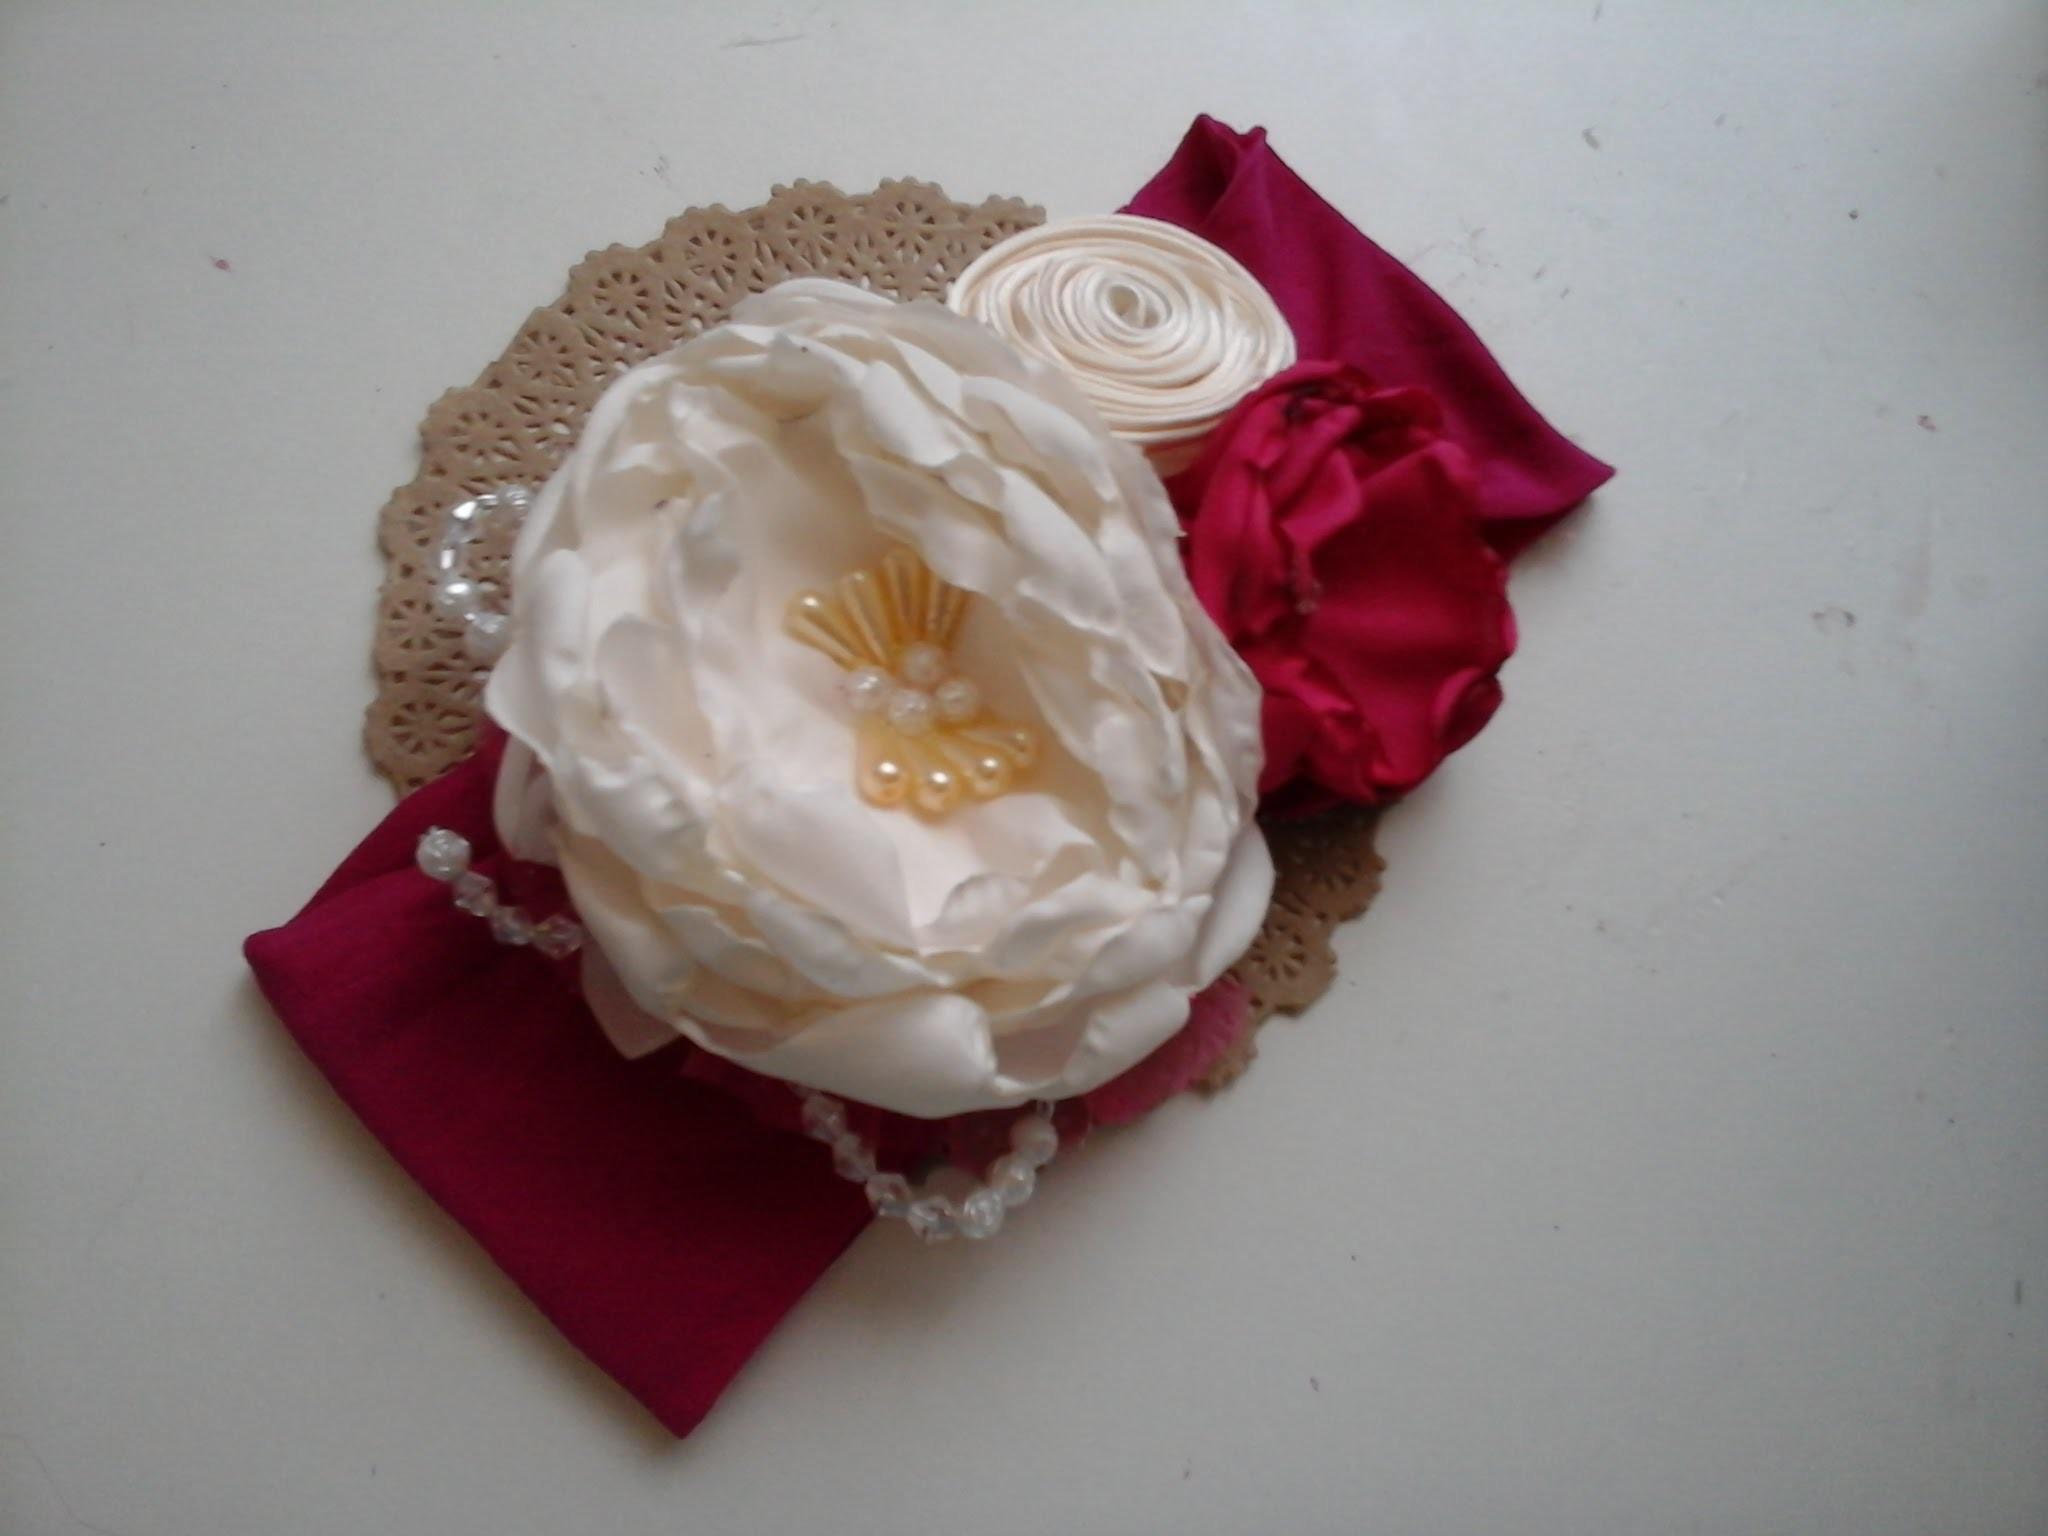 Como hacer una tiara para graduacion, how to make a tiara, valerina, diadema,balaca,vincha